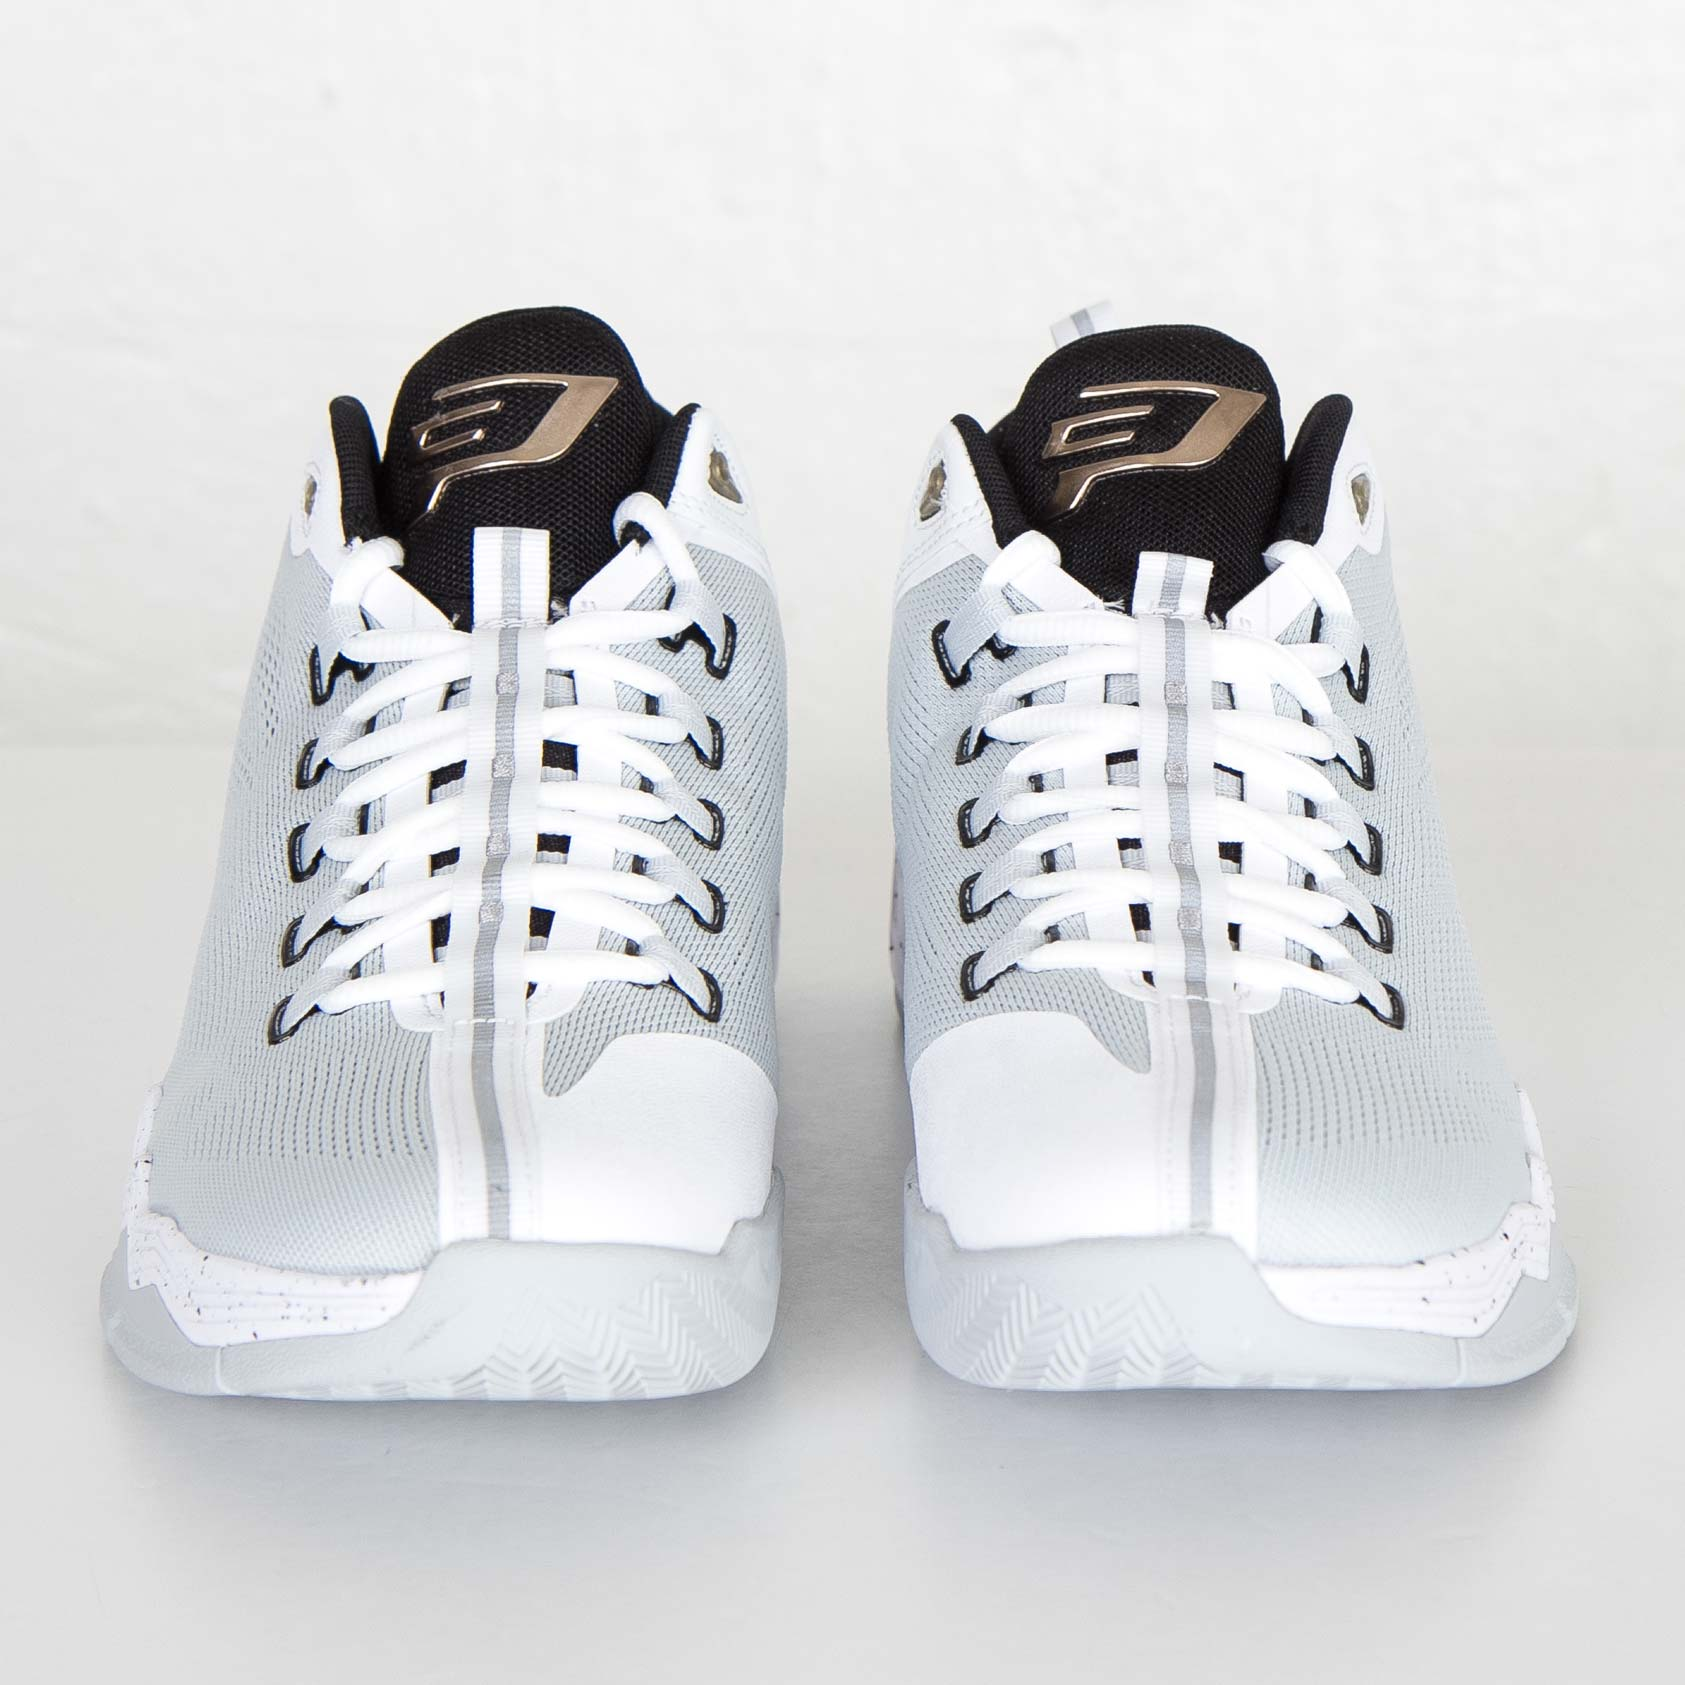 new concept 46913 e524c Jordan Brand Jordan CP3.IX AE - 833909-124 - Sneakersnstuff   sneakers    streetwear online since 1999